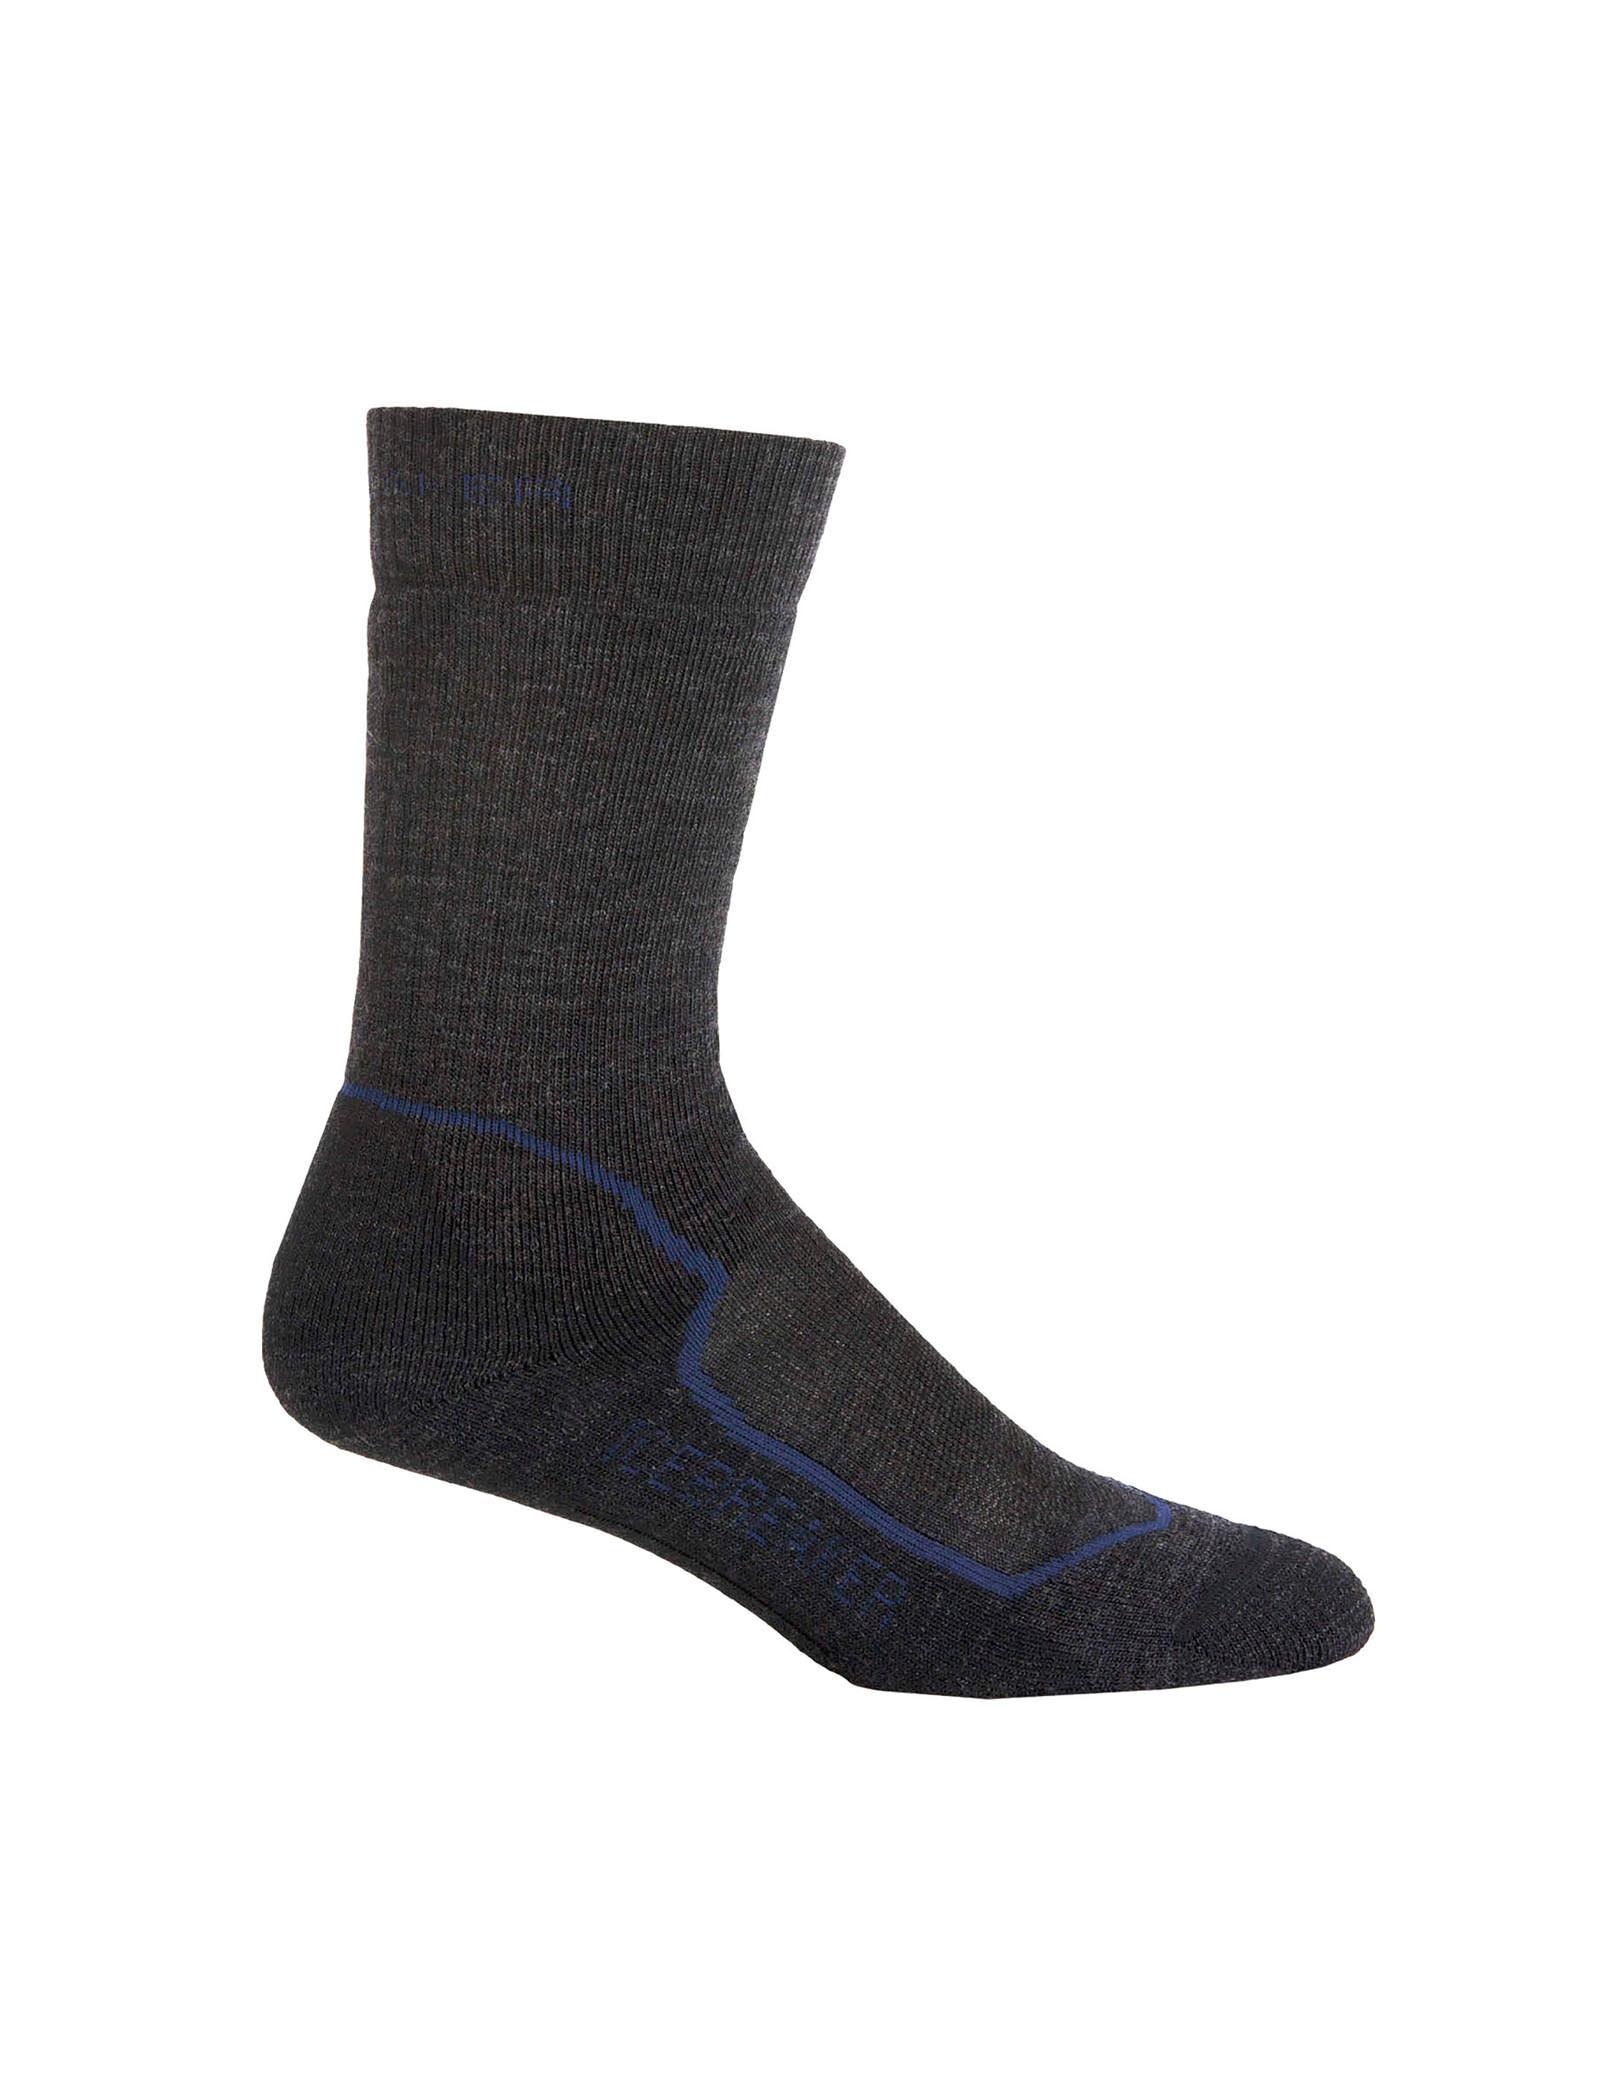 Icebreaker Merino Hiking Medium Crew Socks New Zealand Merino Wool